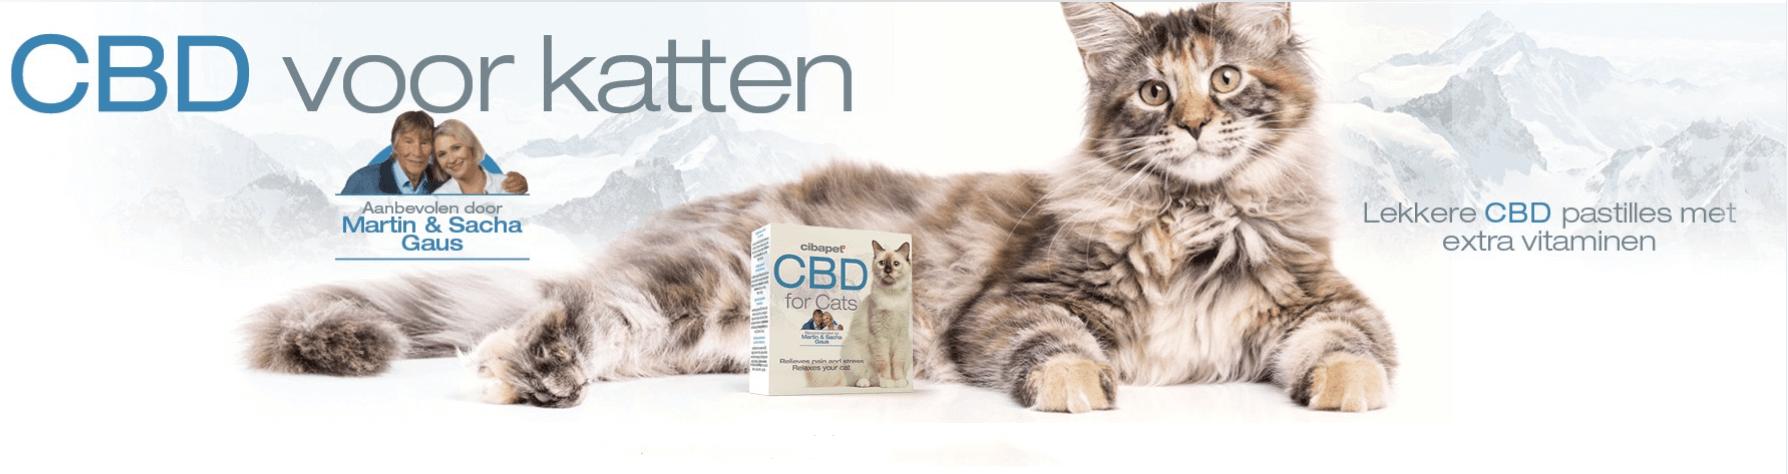 Cibapet CBD Pastilles voor katten-1